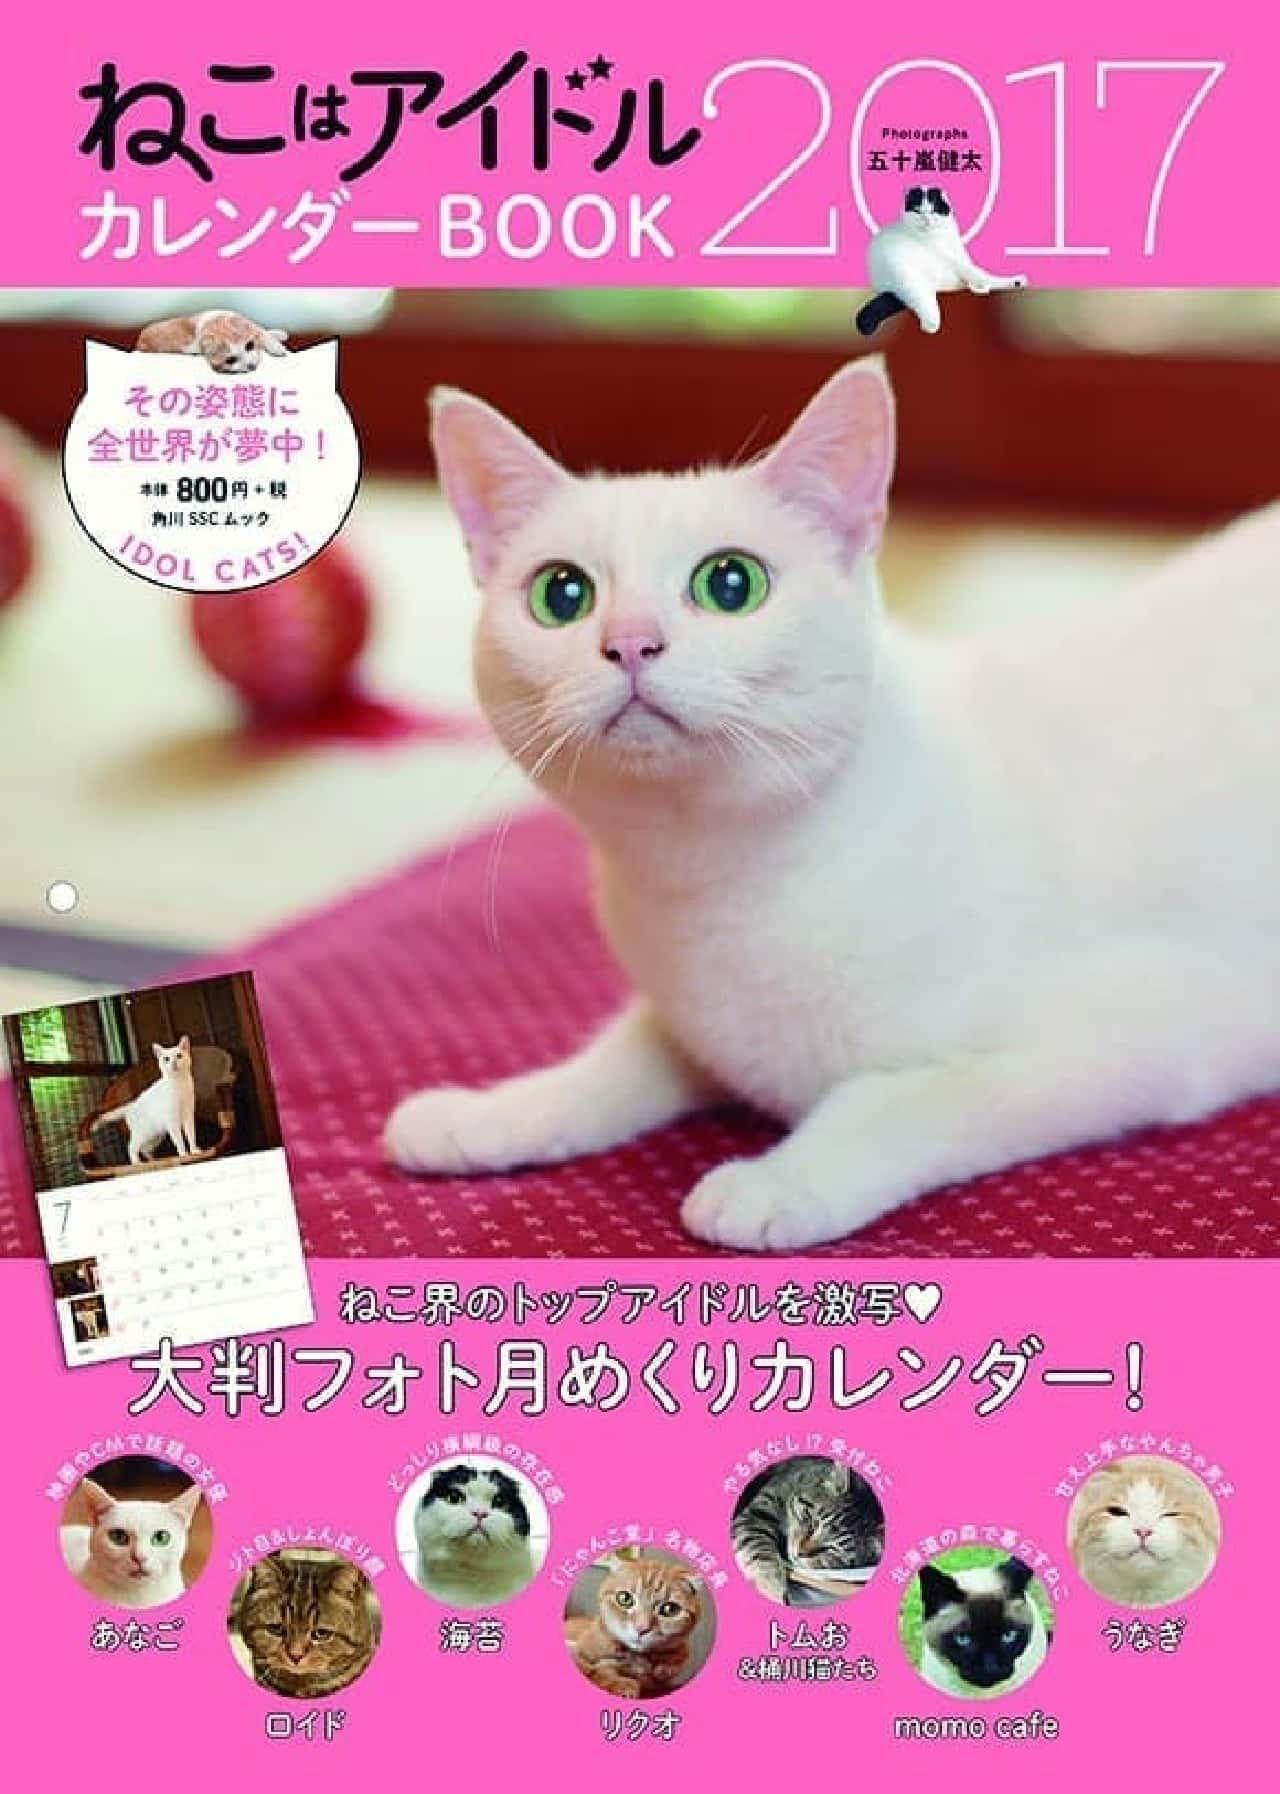 『飛び猫』の五十嵐健太さんによる『ねこはアイドル カレンダーBOOK2017』